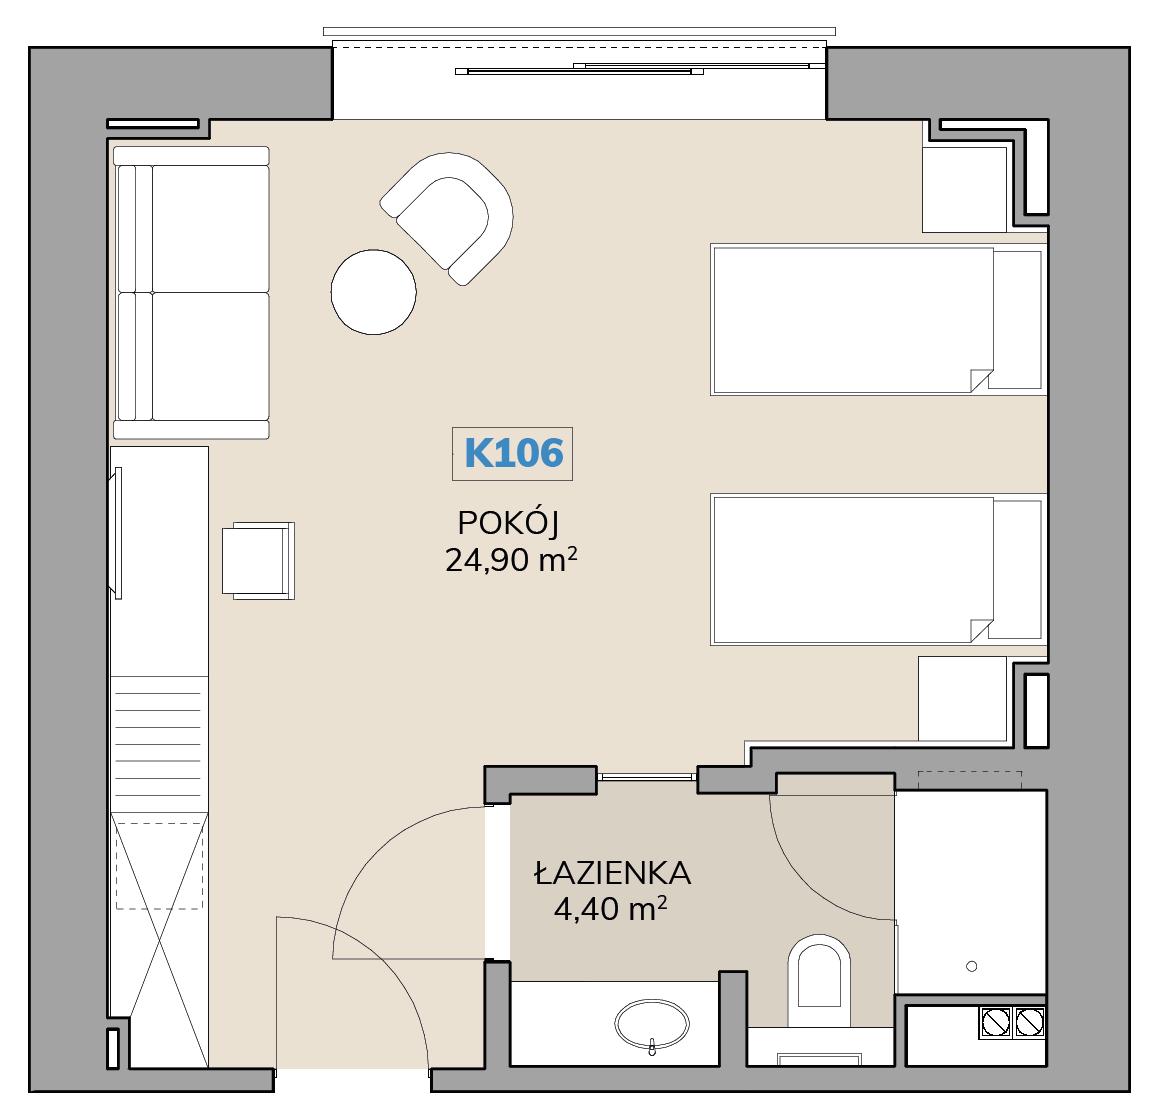 Apartament K106